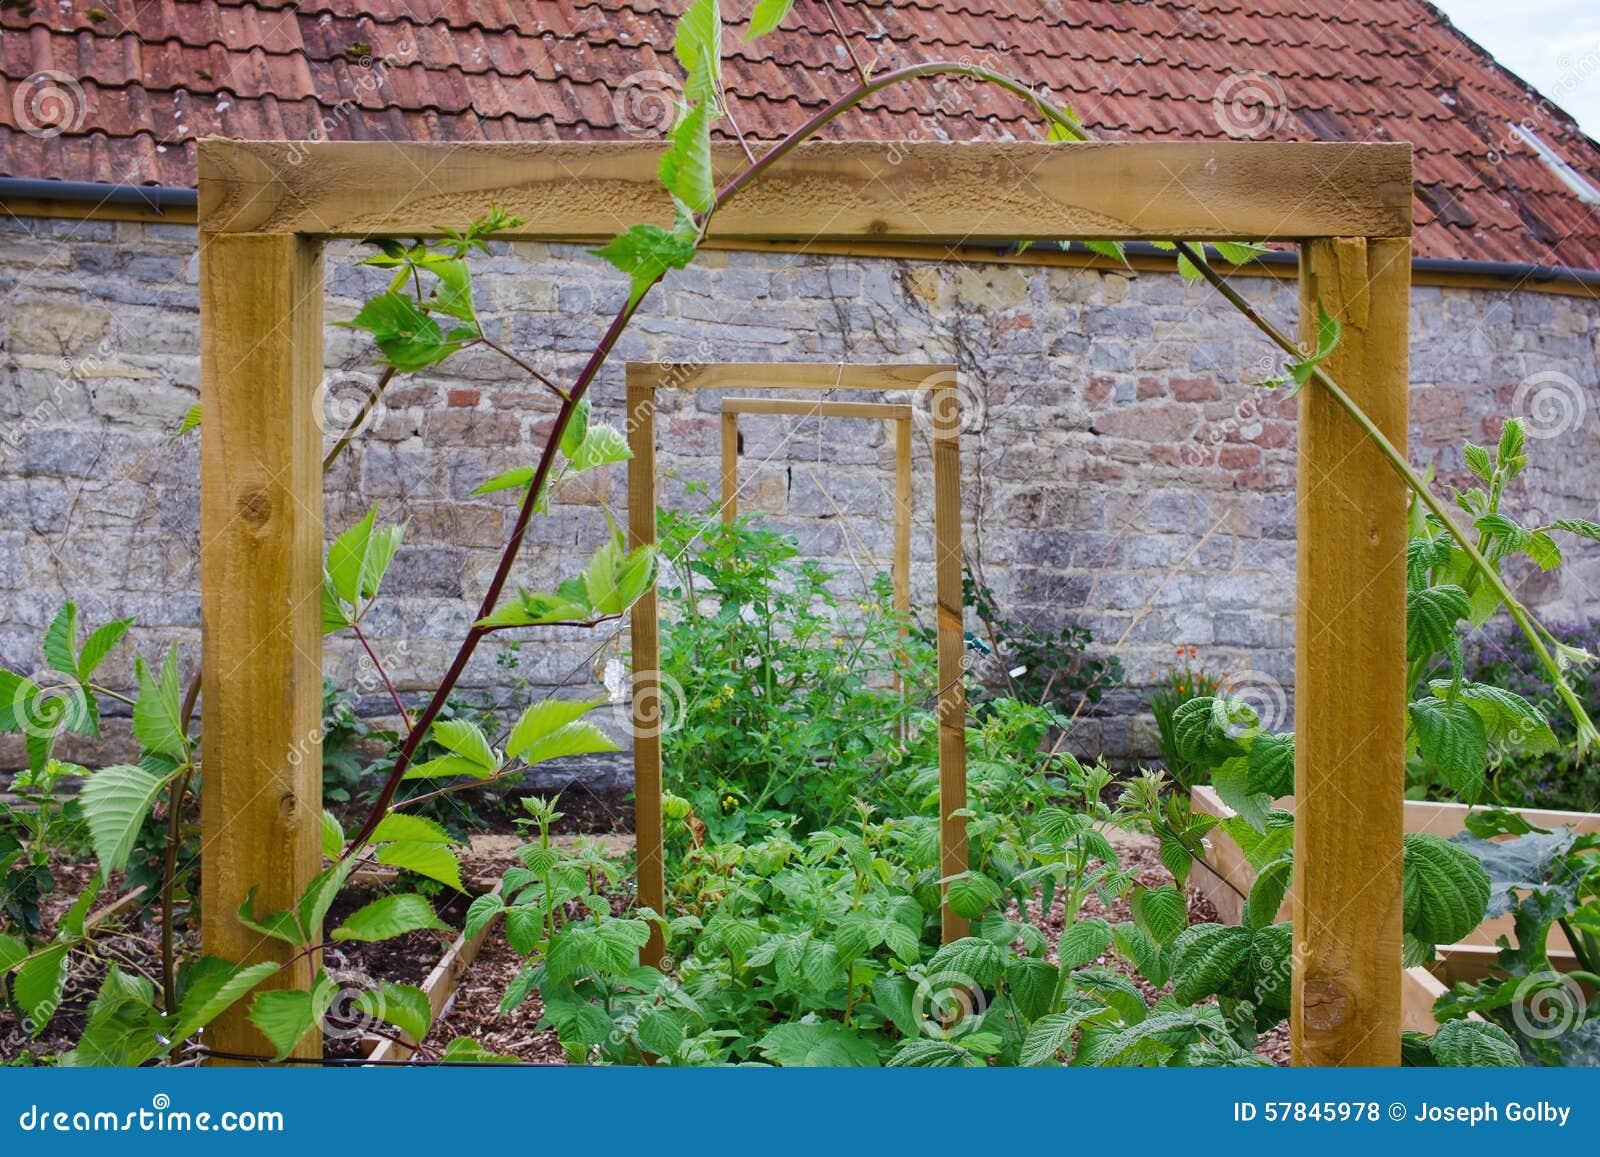 Ziemlich Rahmen Land Fotos - Benutzerdefinierte Bilderrahmen Ideen ...